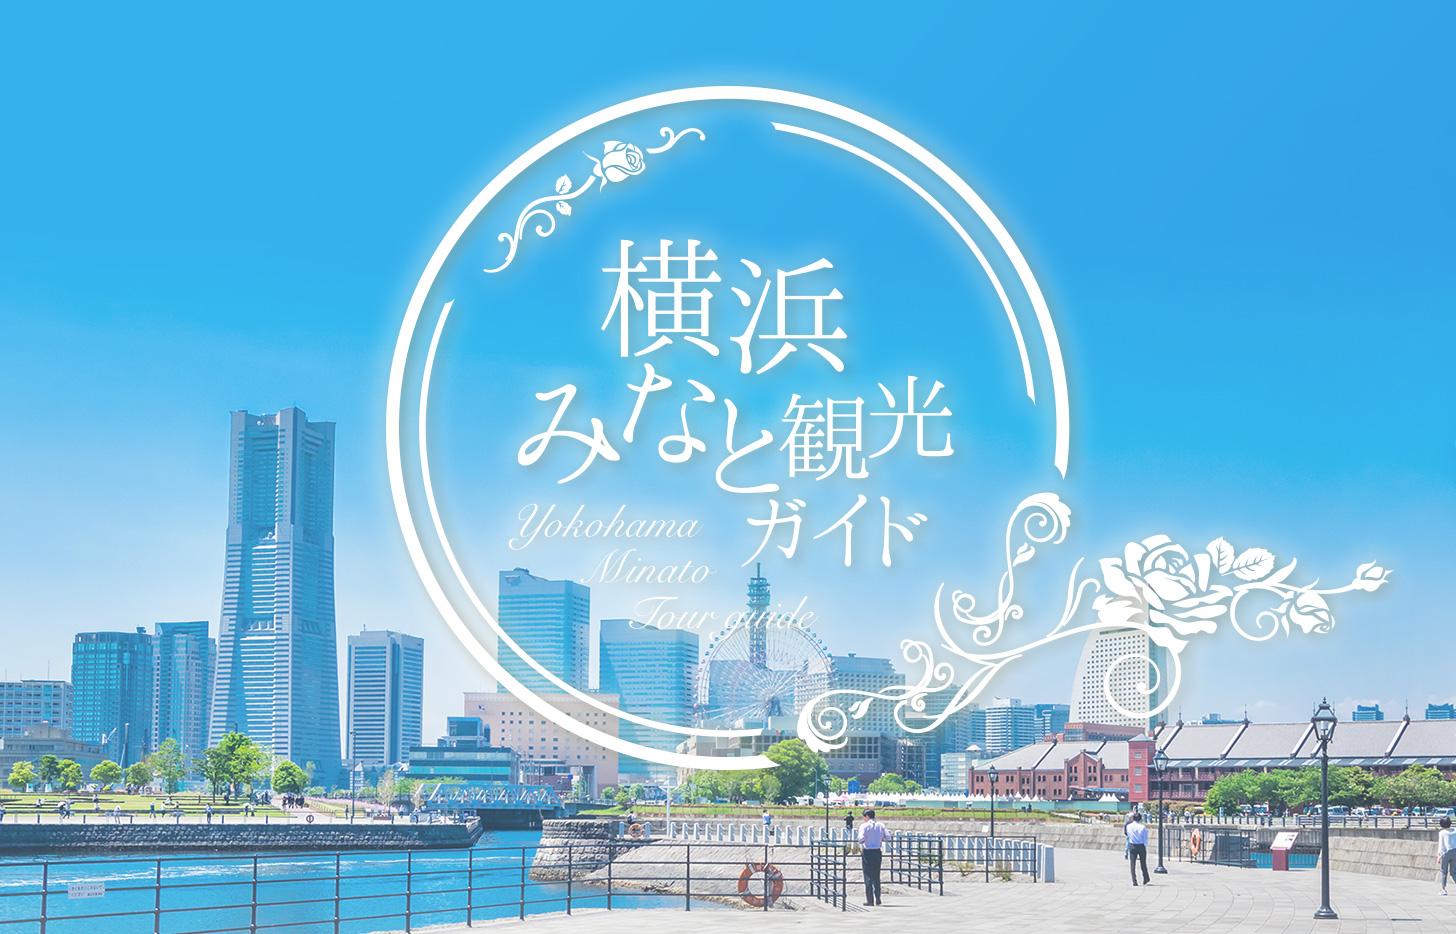 観光 マップ 横浜 横浜町観光案内マップ